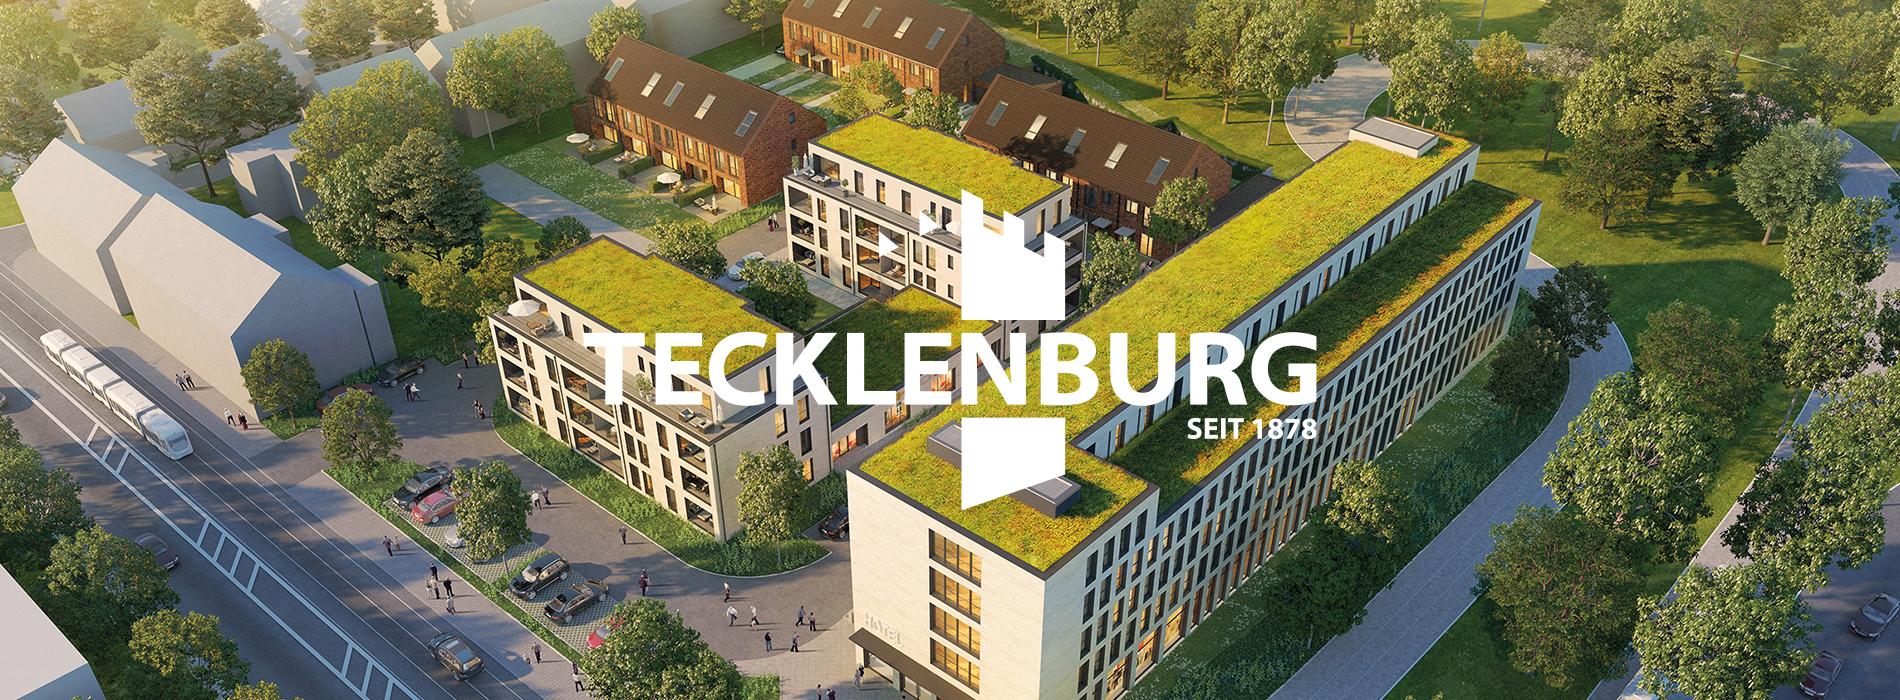 Tecklenburg Bau GmbH Webdesign Headerbild und Projekt HEY Düsseldorf